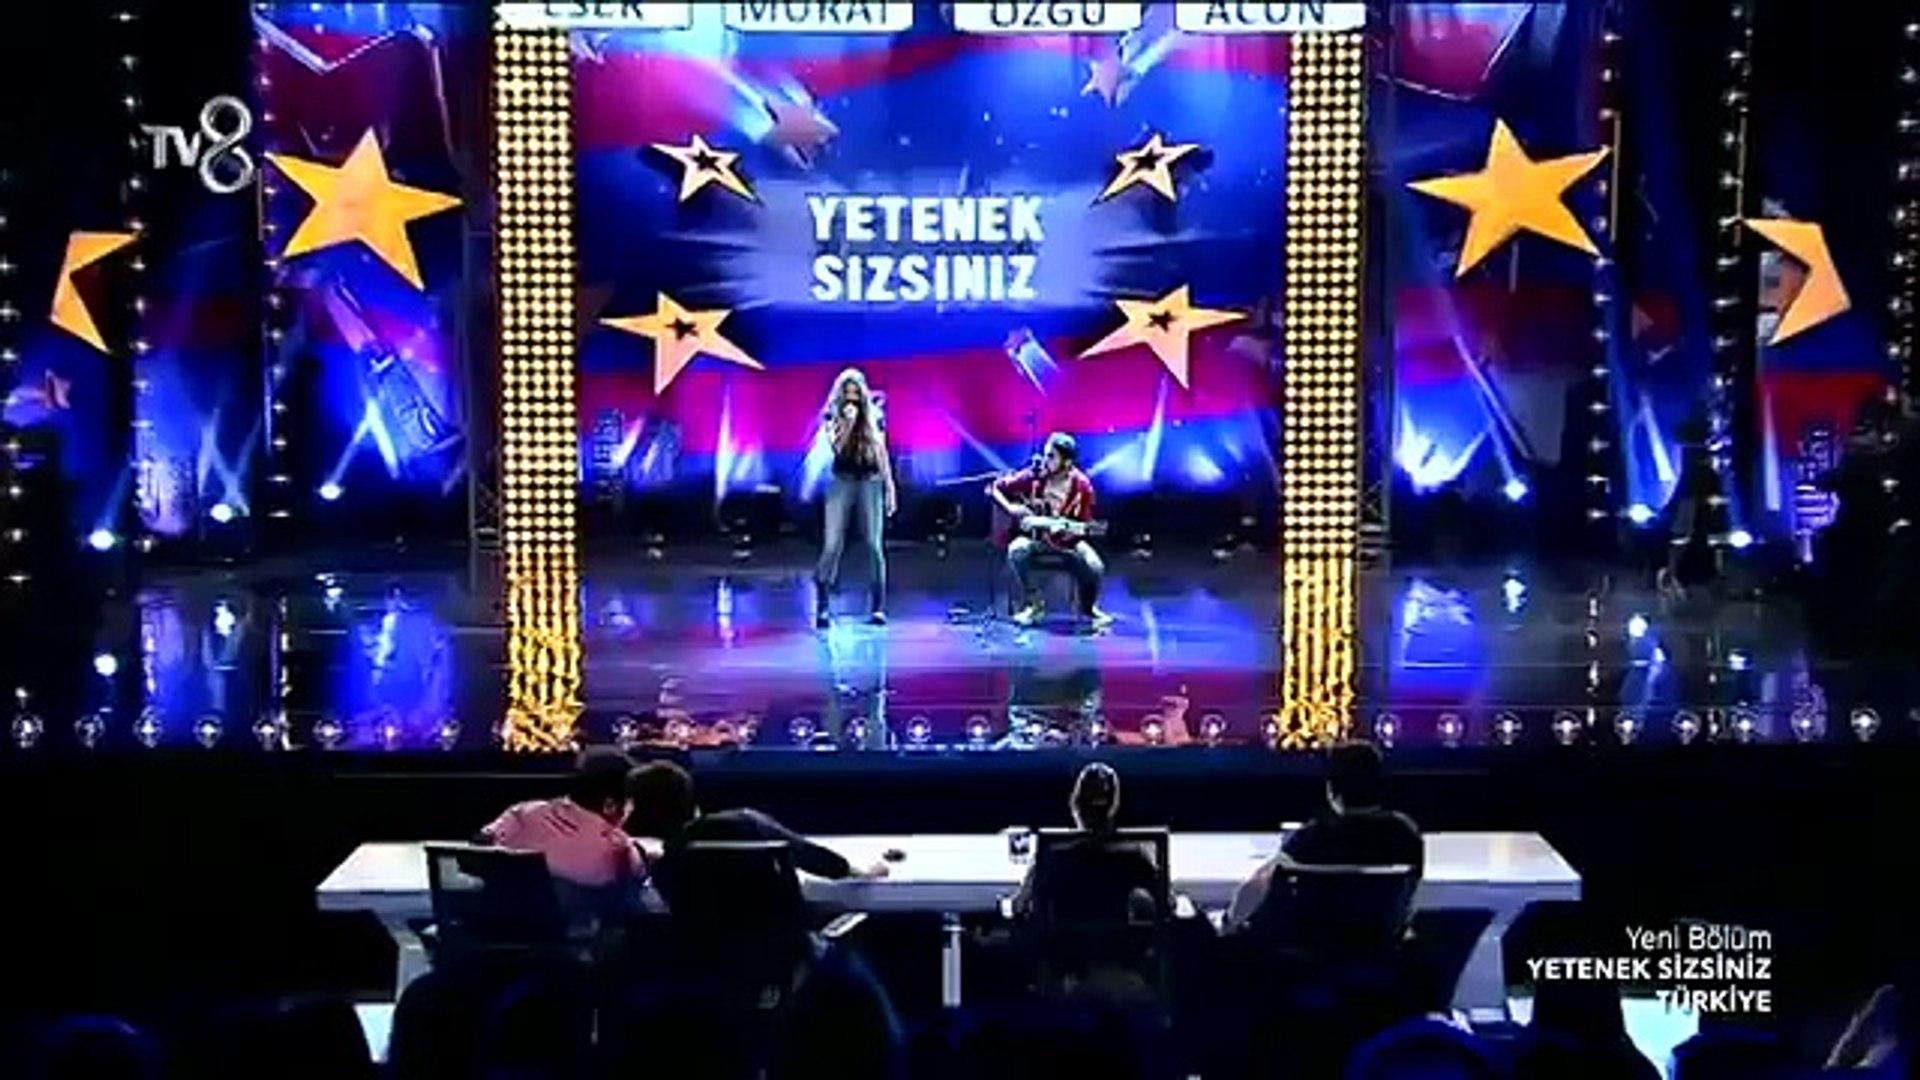 Türkiyenin Shakirası Aleyna Tilki - Yetenek Sizsiniz Türkiye 2014